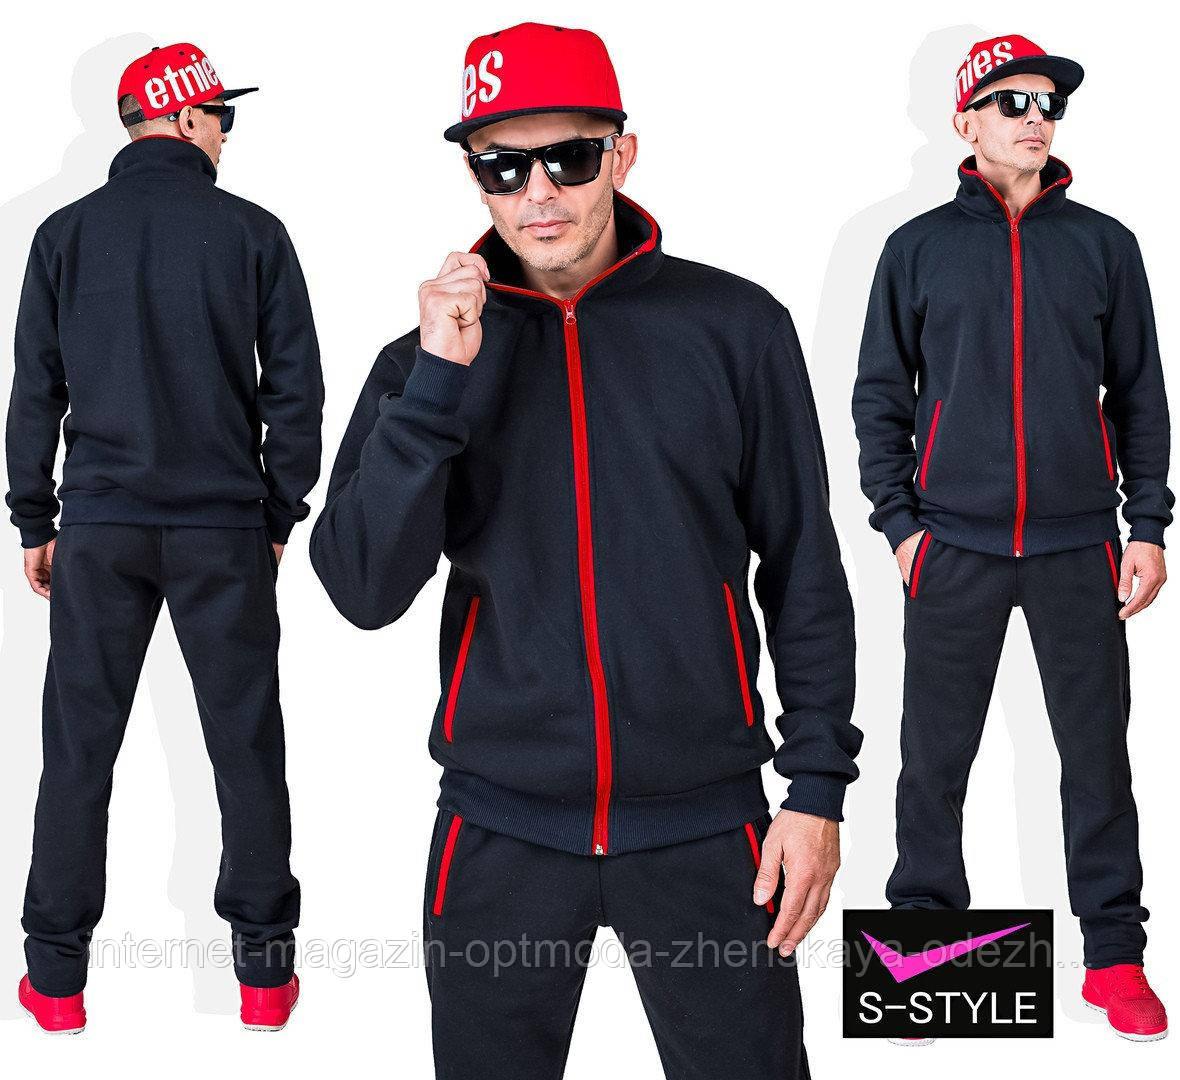 Мужской спортивный костюм из трехнити, размеры: S-M (46-48), XXL-XXXL (54-56), L-XL (50-52)